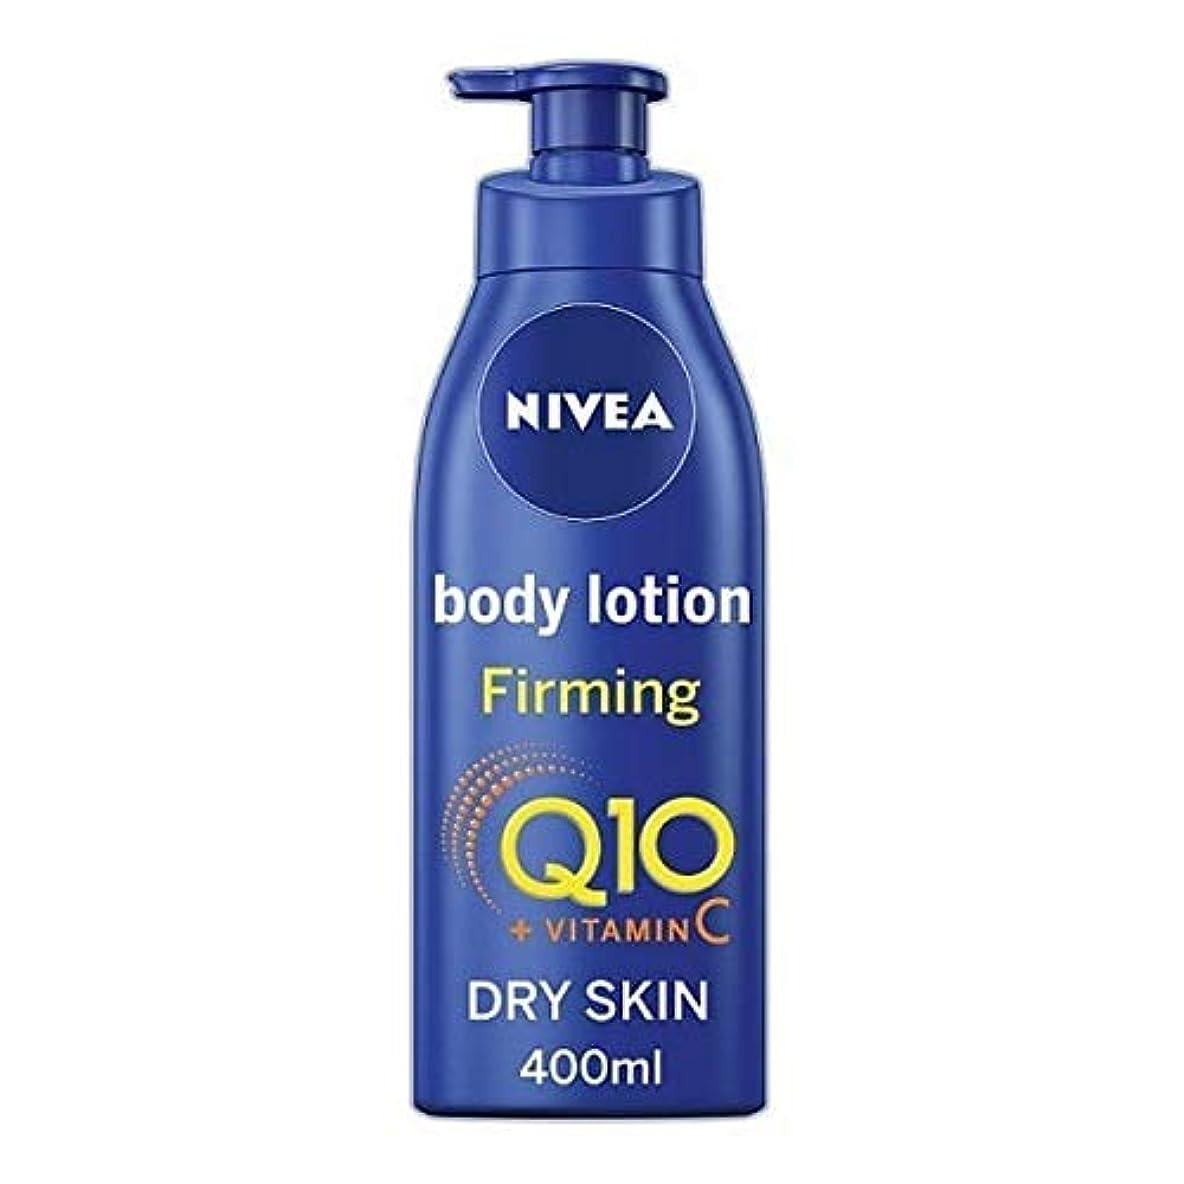 経由でサンドイッチ法医学[Nivea ] 乾燥肌、400ミリリットルのためのニベアQ10ビタミンCファーミングボディローション - NIVEA Q10 Vitamin C Firming Body Lotion for Dry Skin, 400ml...